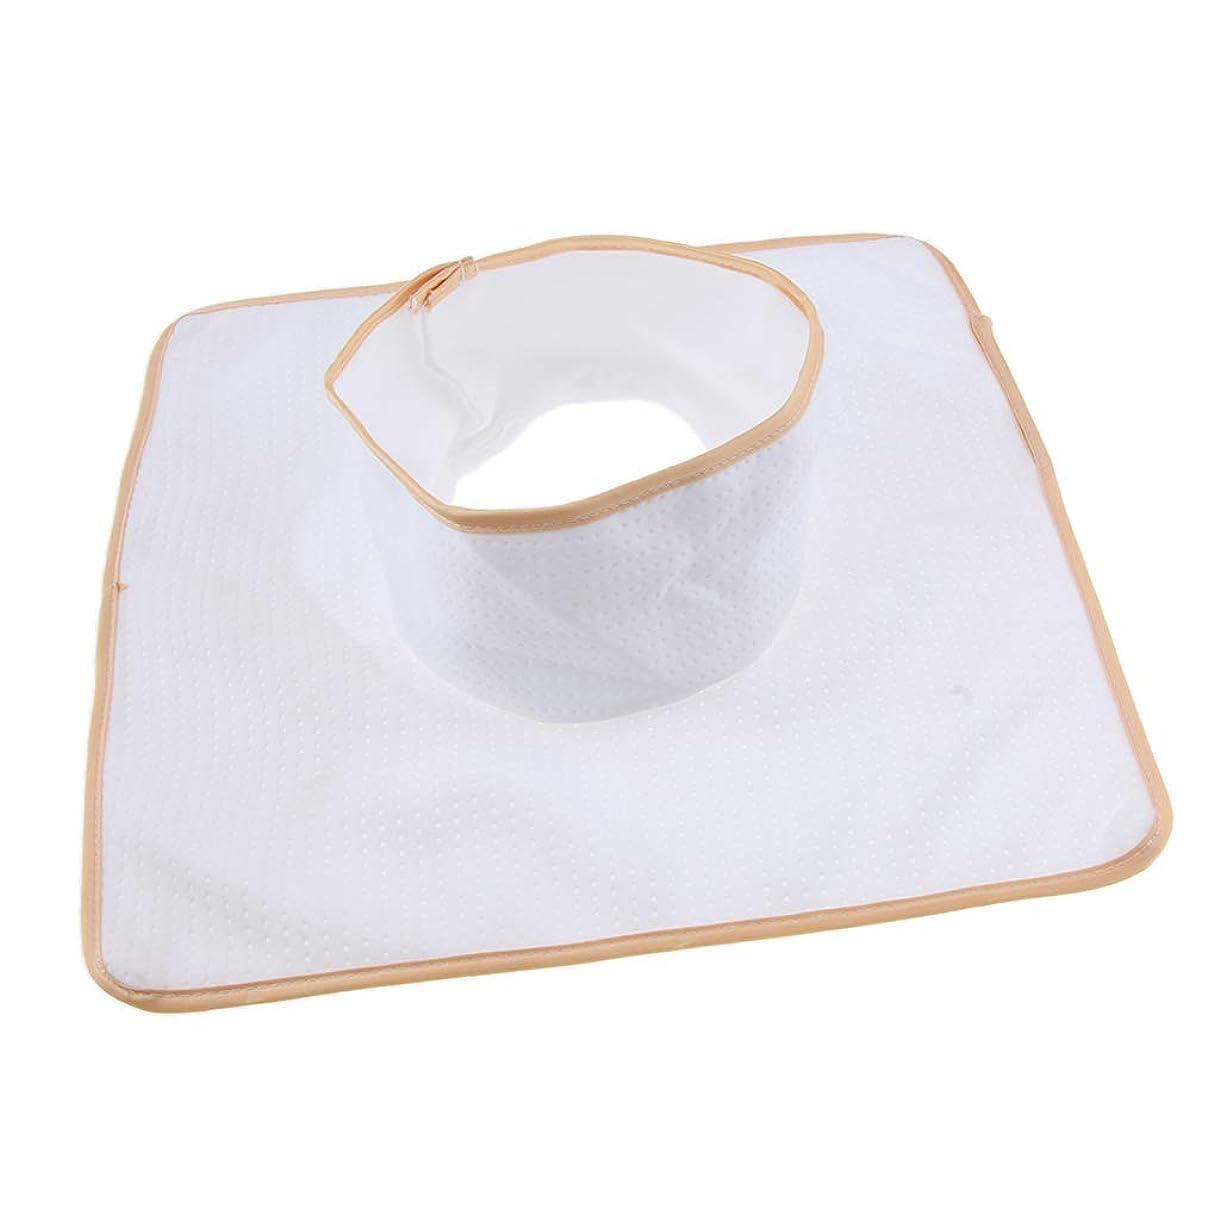 蜜八国民D DOLITY マッサージ ベッド テーブル ヘッドパッド 頭の穴付 再使用可能 約35×35cm 全3色 - 白